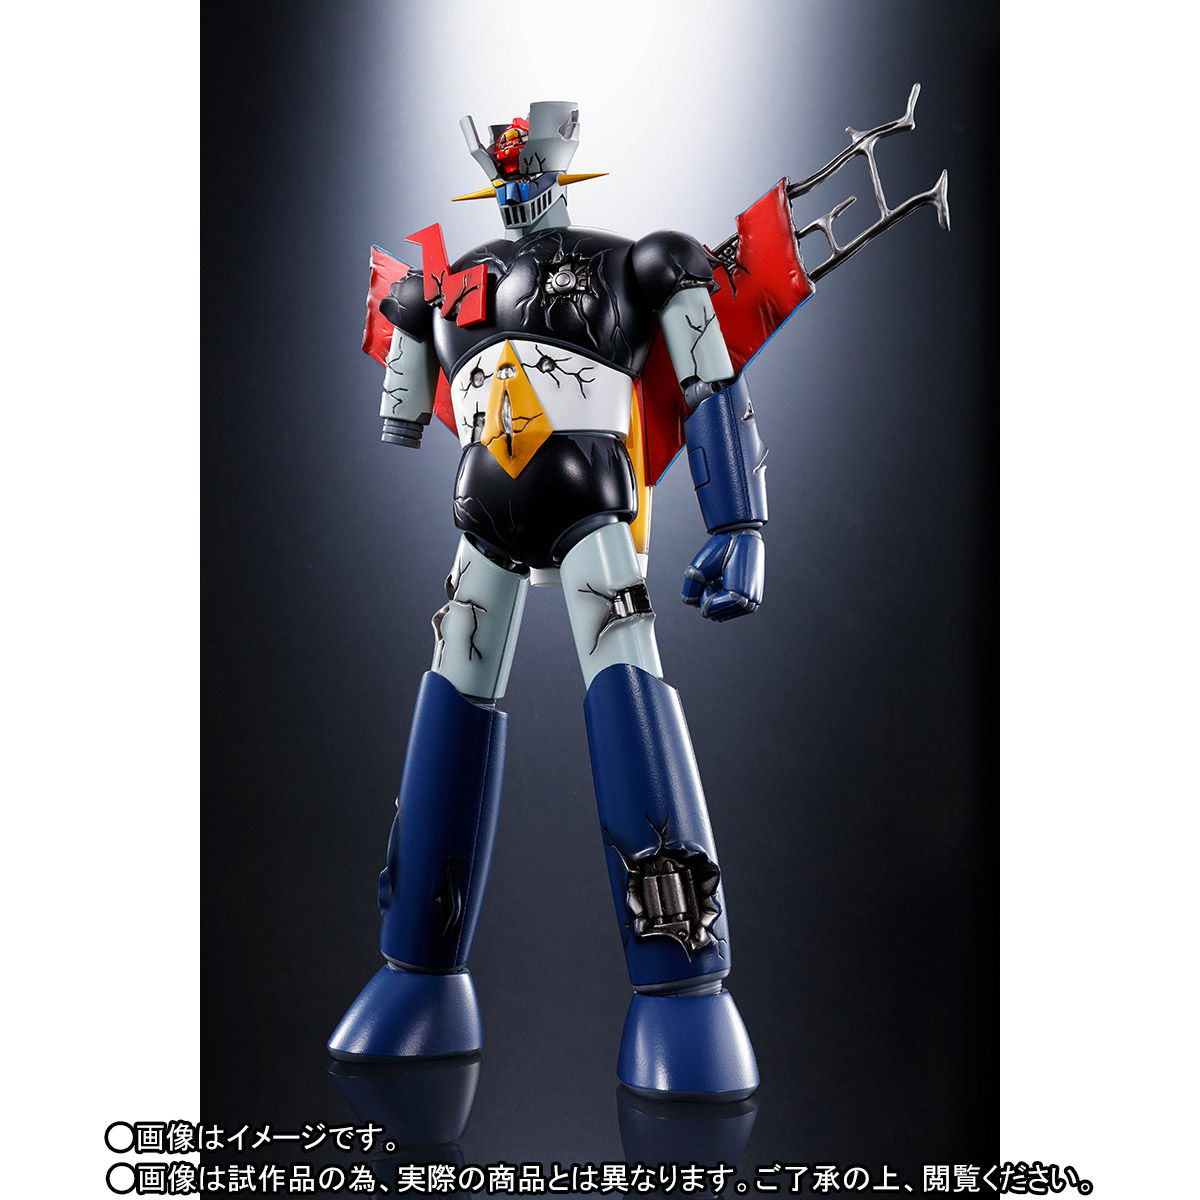 超合金魂 GX-70SPD『マジンガーZ D.C.ダメージver. アニメカラー』可動フィギュア-002